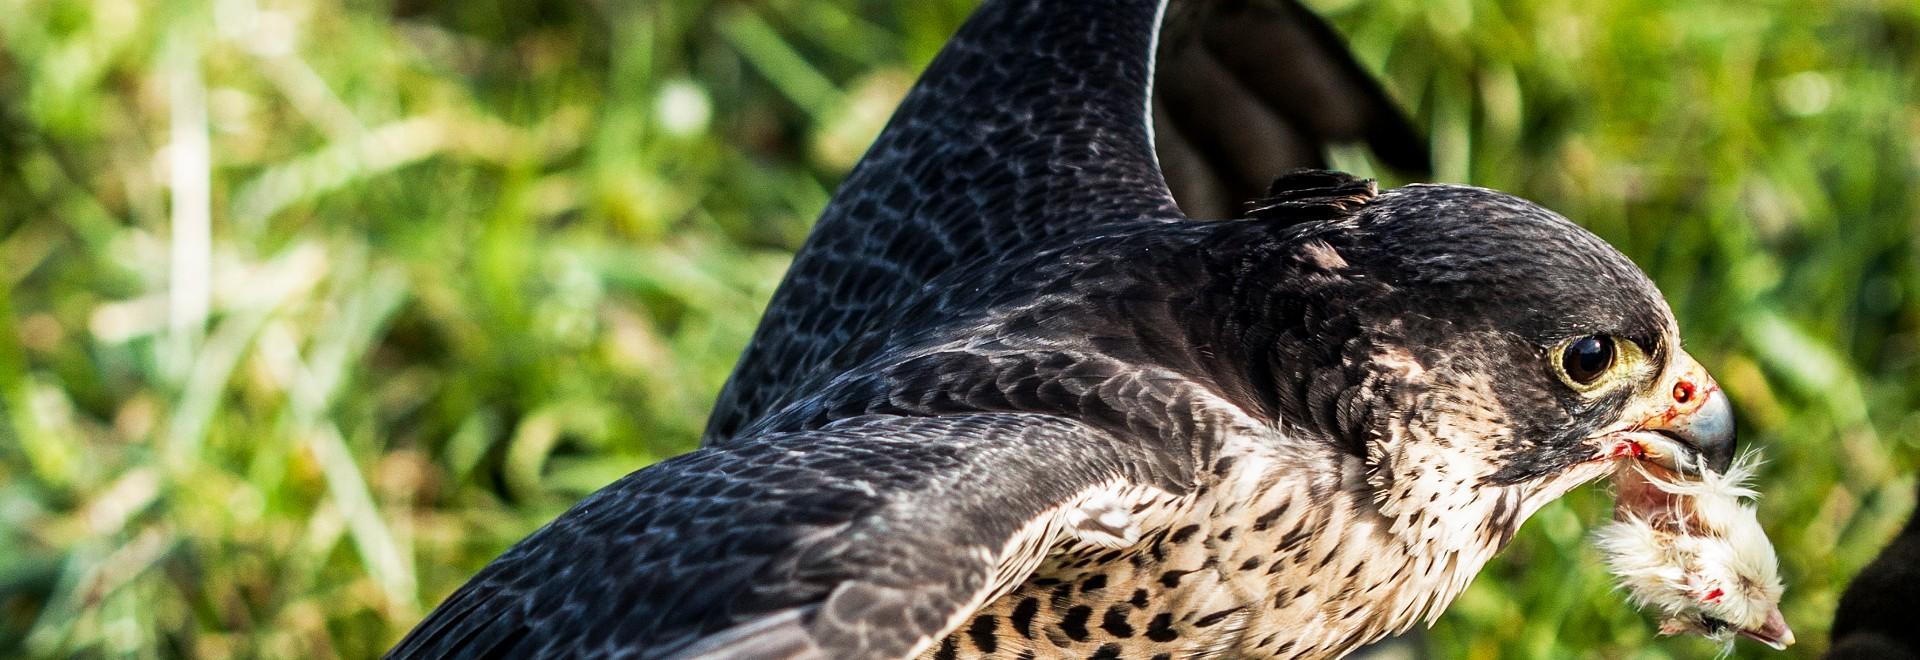 Storie di falconeria italiana